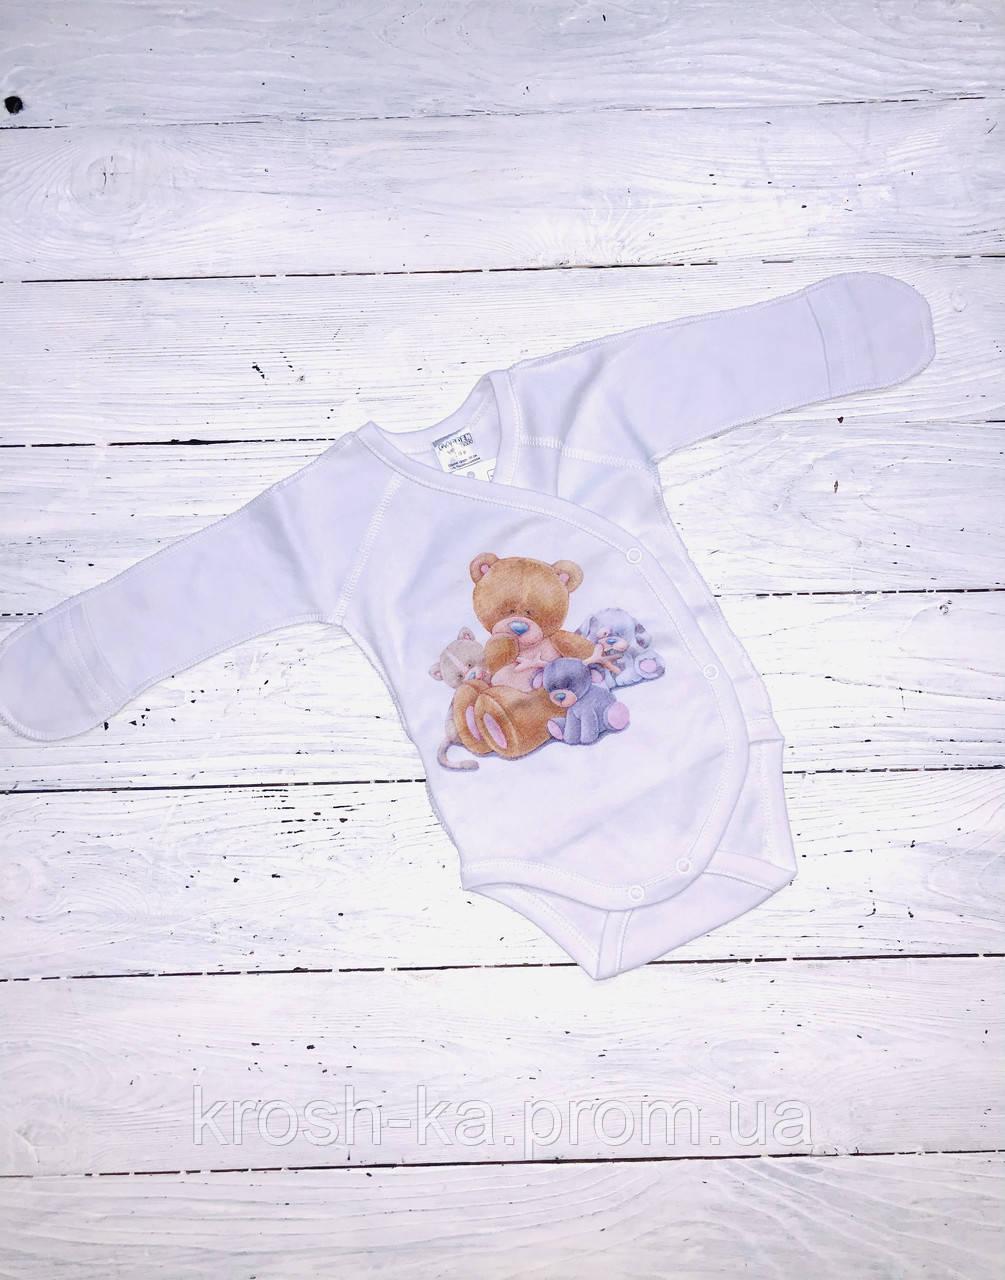 Боди для новорожденных Друзья белый (56-62)р (Гарден)Garden Baby Украина 27053-02